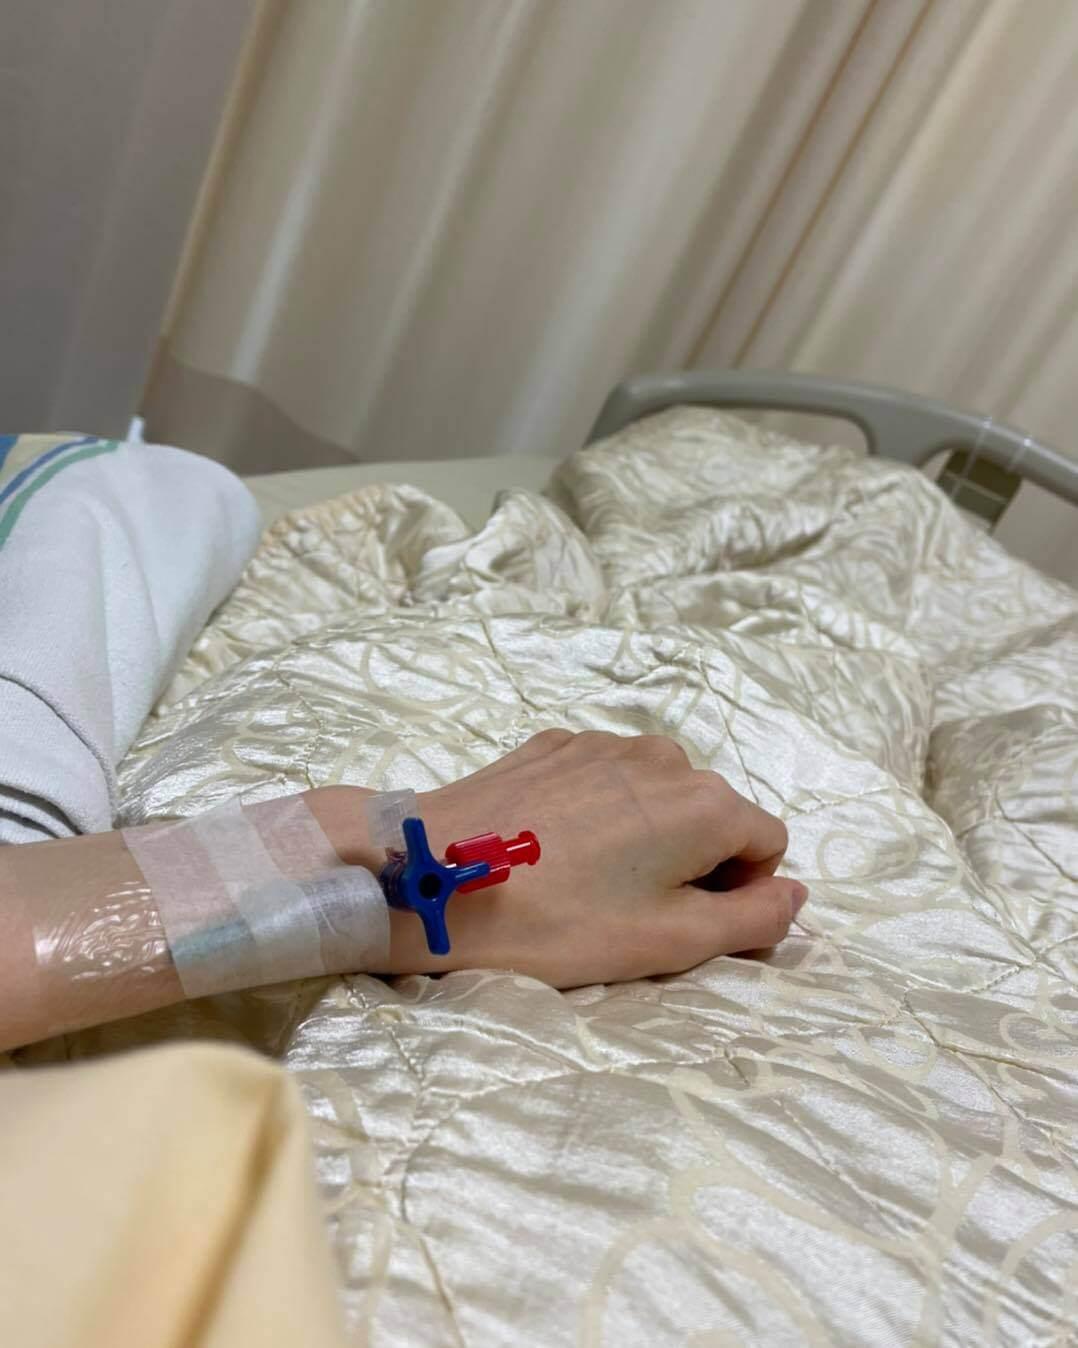 李明蔚近日難忍劇痛,需要住院治療。